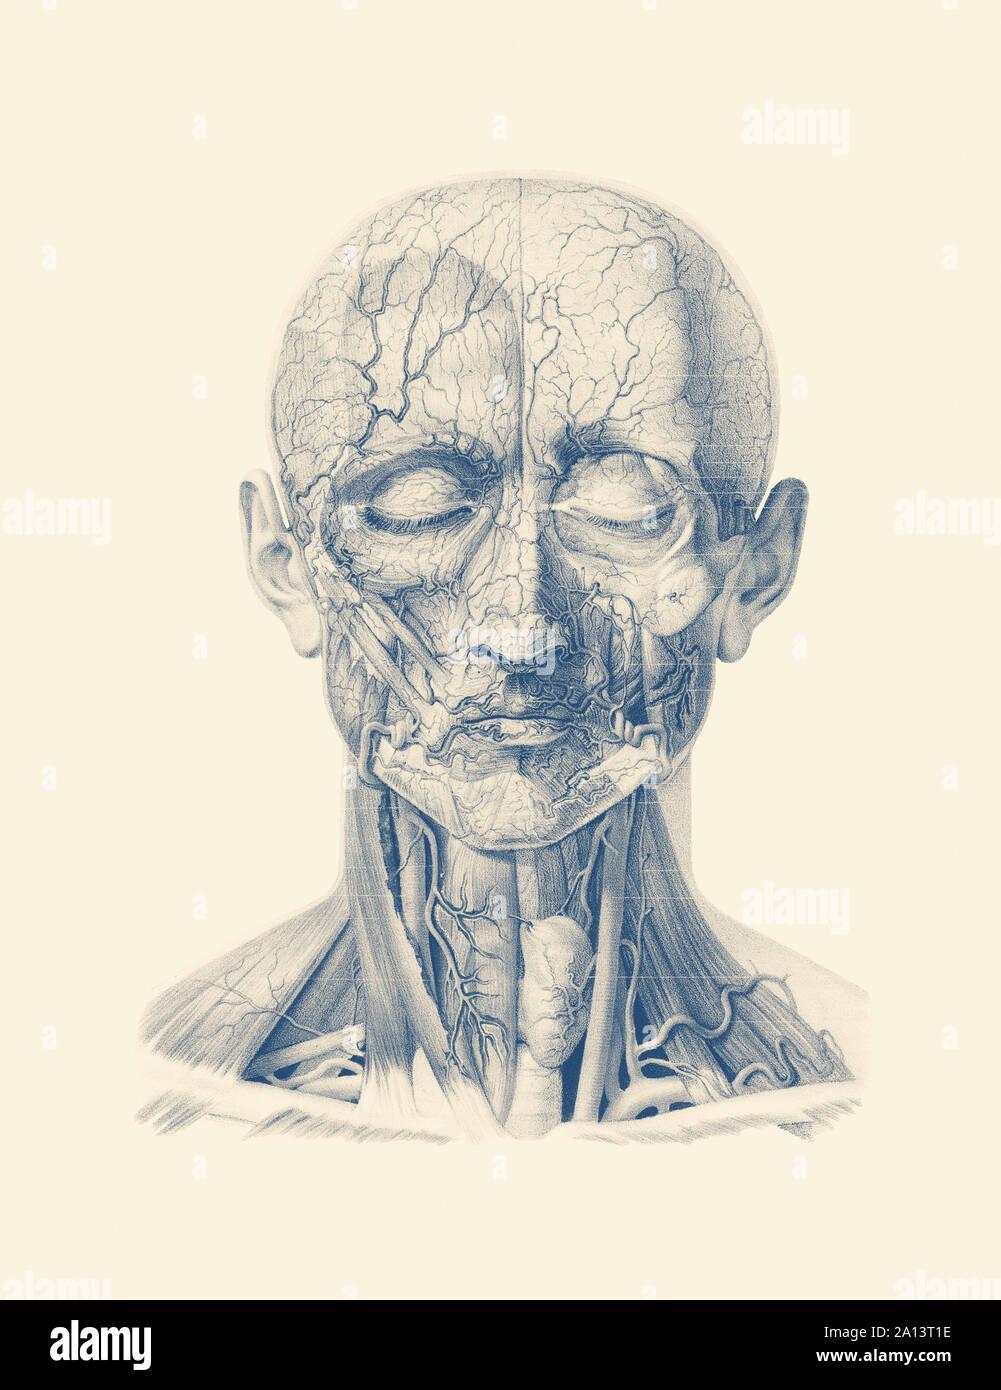 Anatomie Vintage print montrant les veines et artères dans le visage humain et le cuir chevelu. Banque D'Images